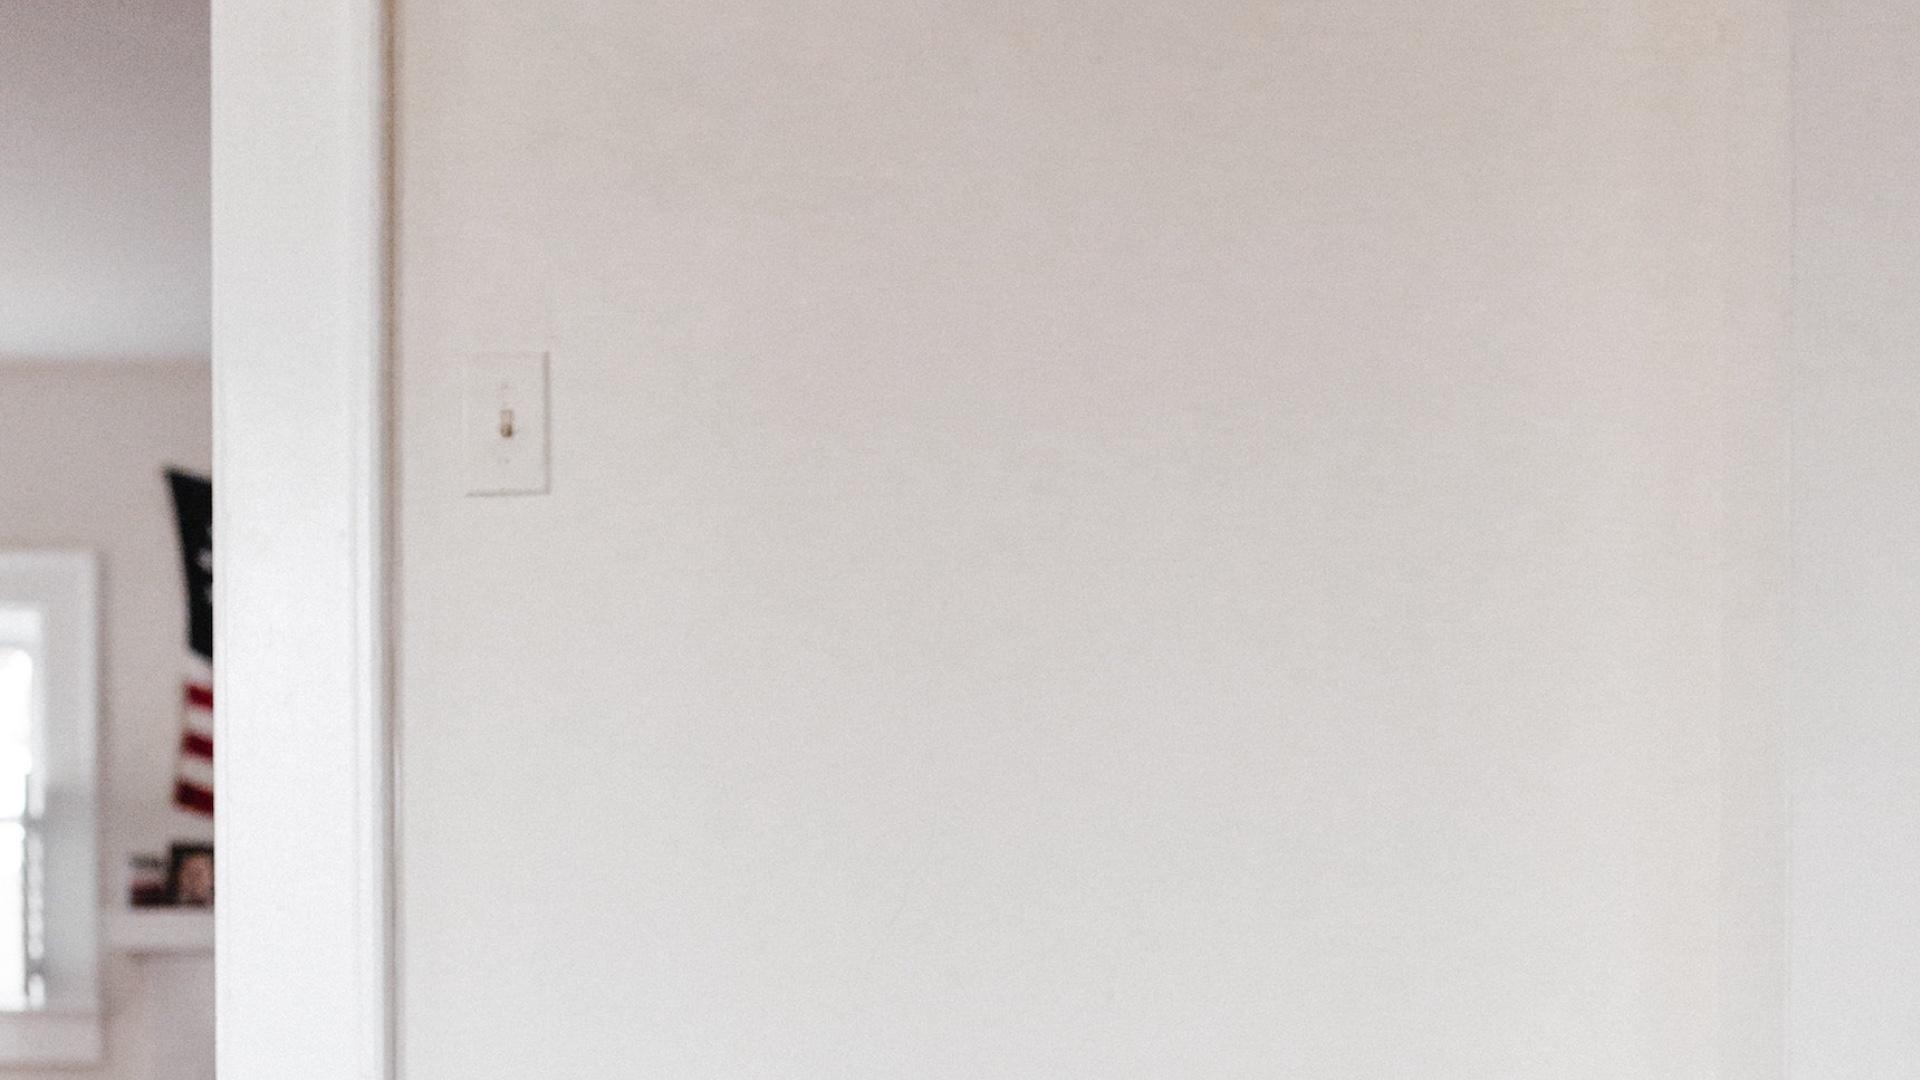 ライトのスイッチのある白い壁の無料バーチャル背景素材